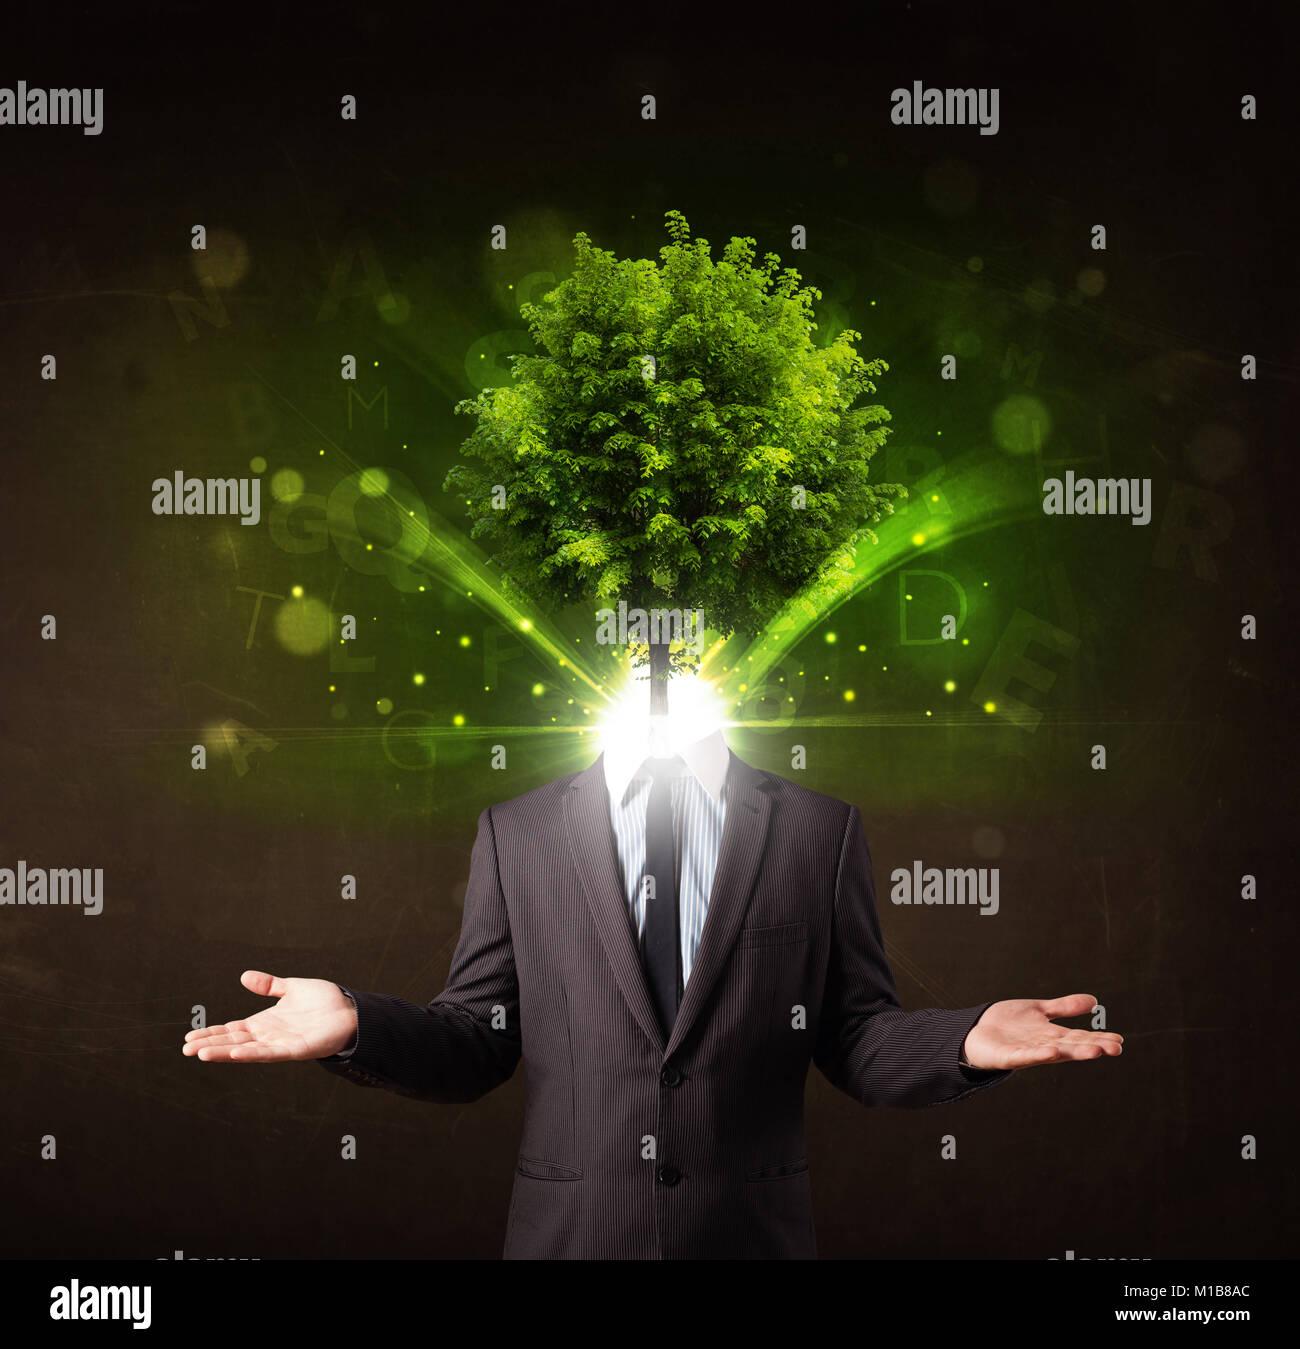 Mann mit grüner Baum Kopf Konzept auf braunem Hintergrund Stockbild